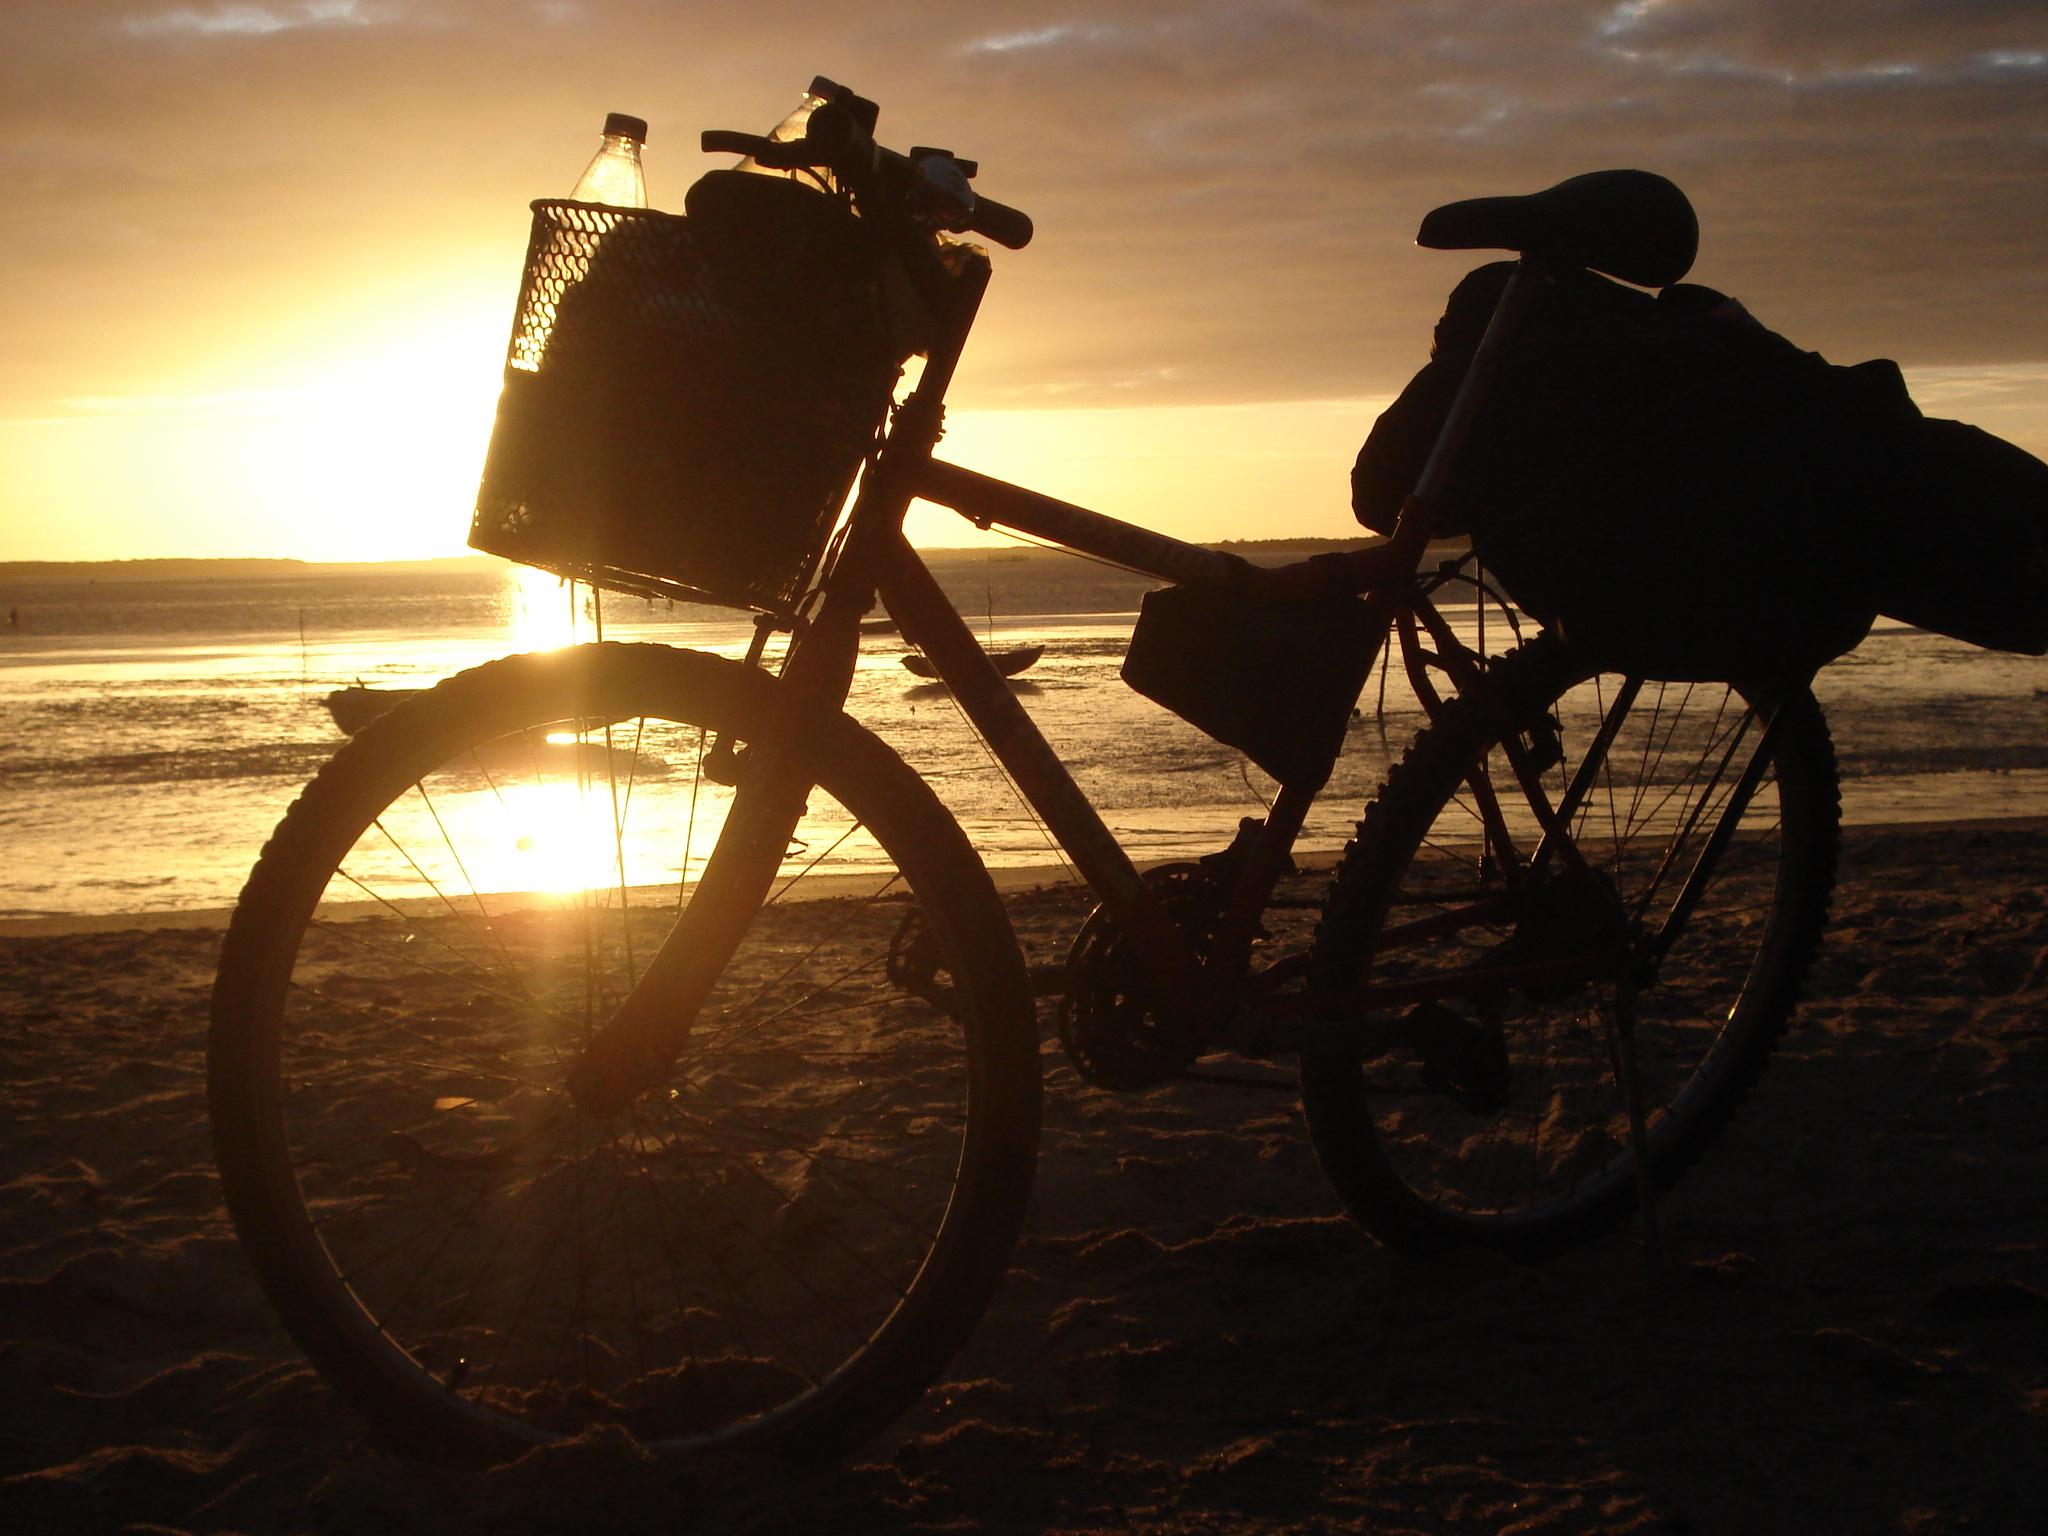 ate-onde-deu-pra-ir-de-bicicleta-cicloturismo-02